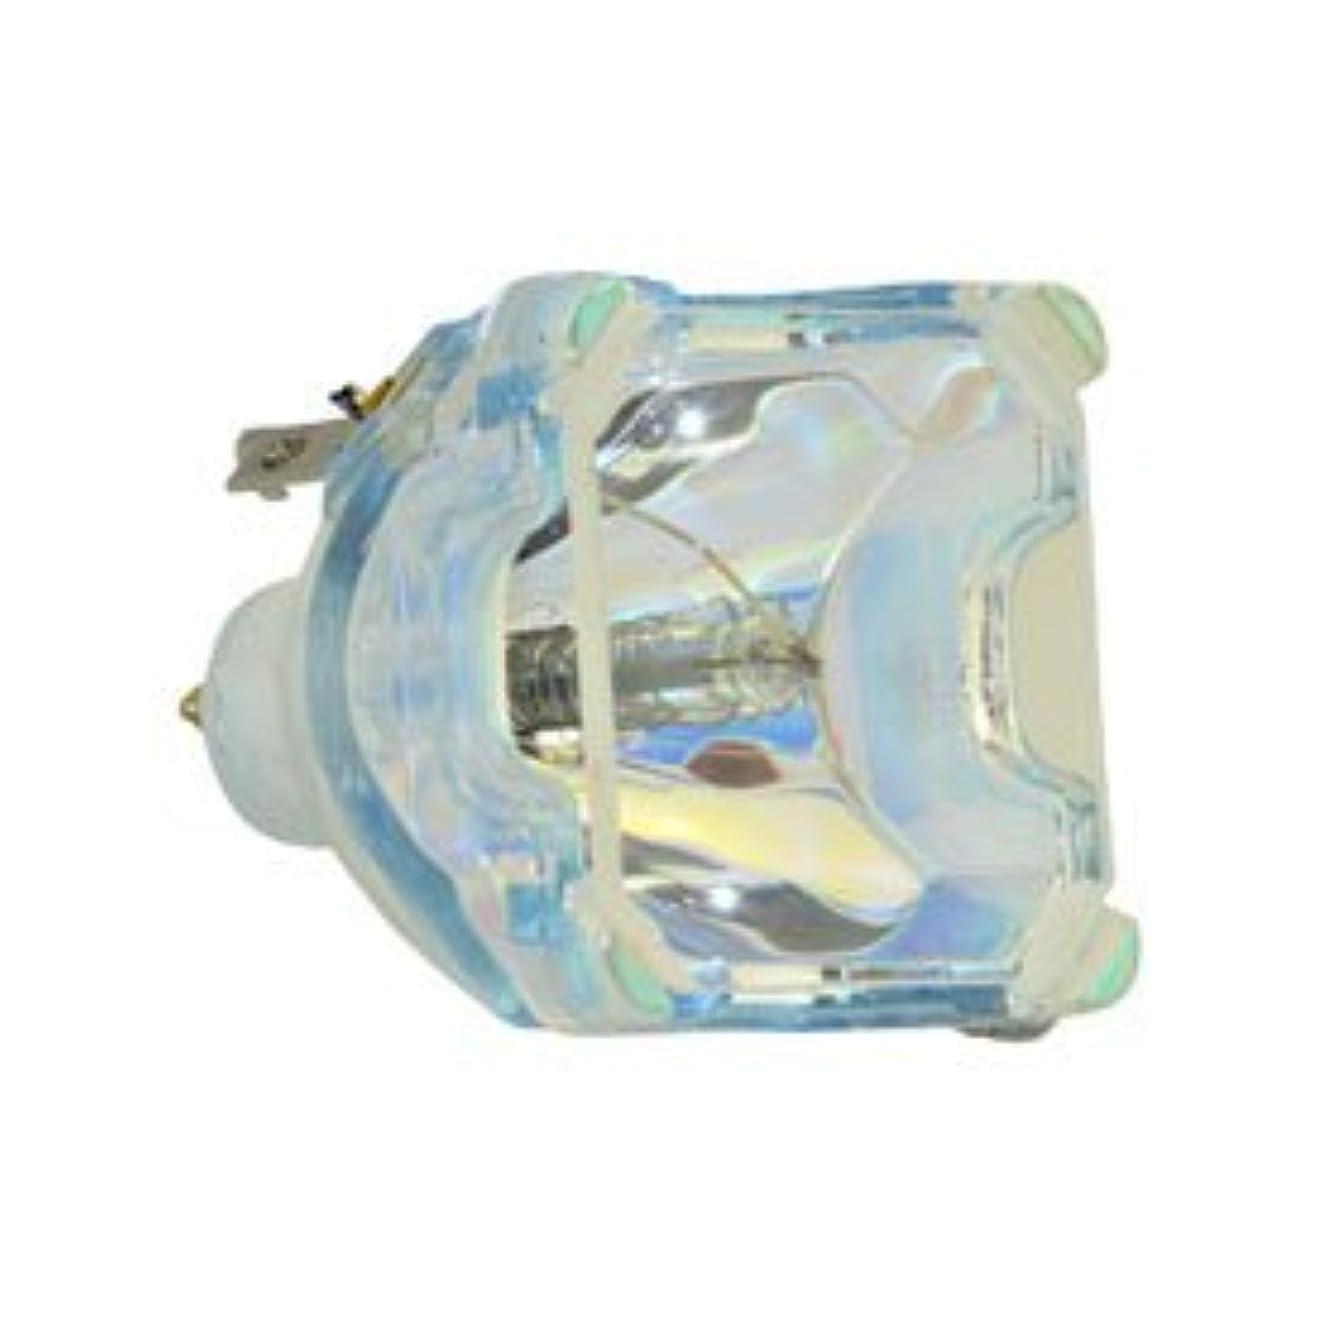 引き付ける独立したフォームNEC VT770+ 裸ランプ専用 プロジェクター用テレビランプ電球 技術的精密交換品